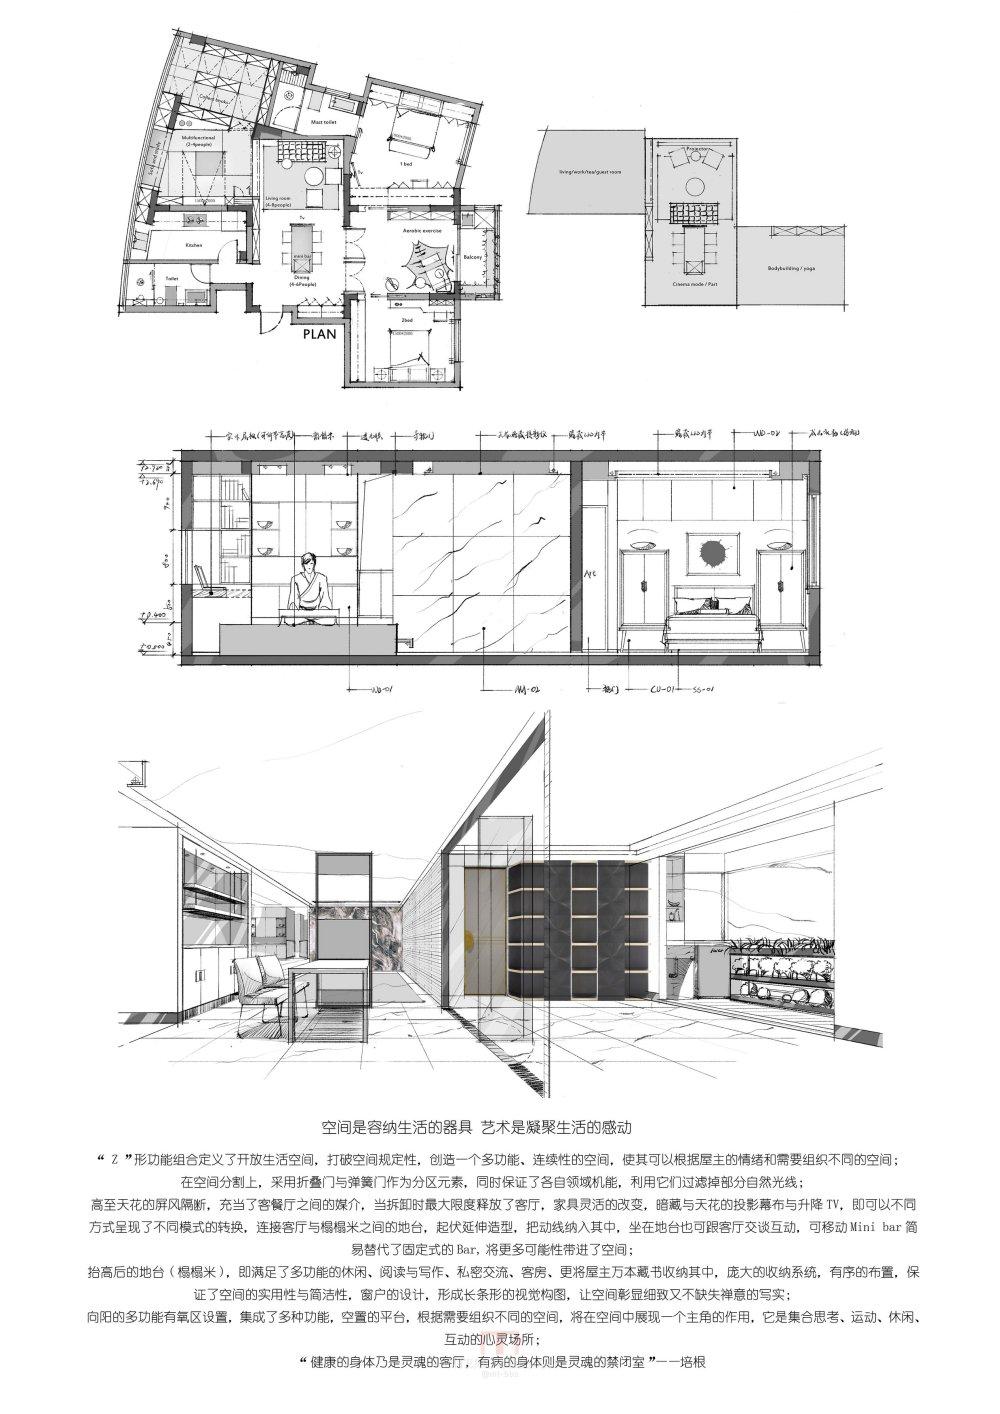 【第18期-住宅平面优化】藏书万卷的教师住宅11个方案 投票_04.jpg